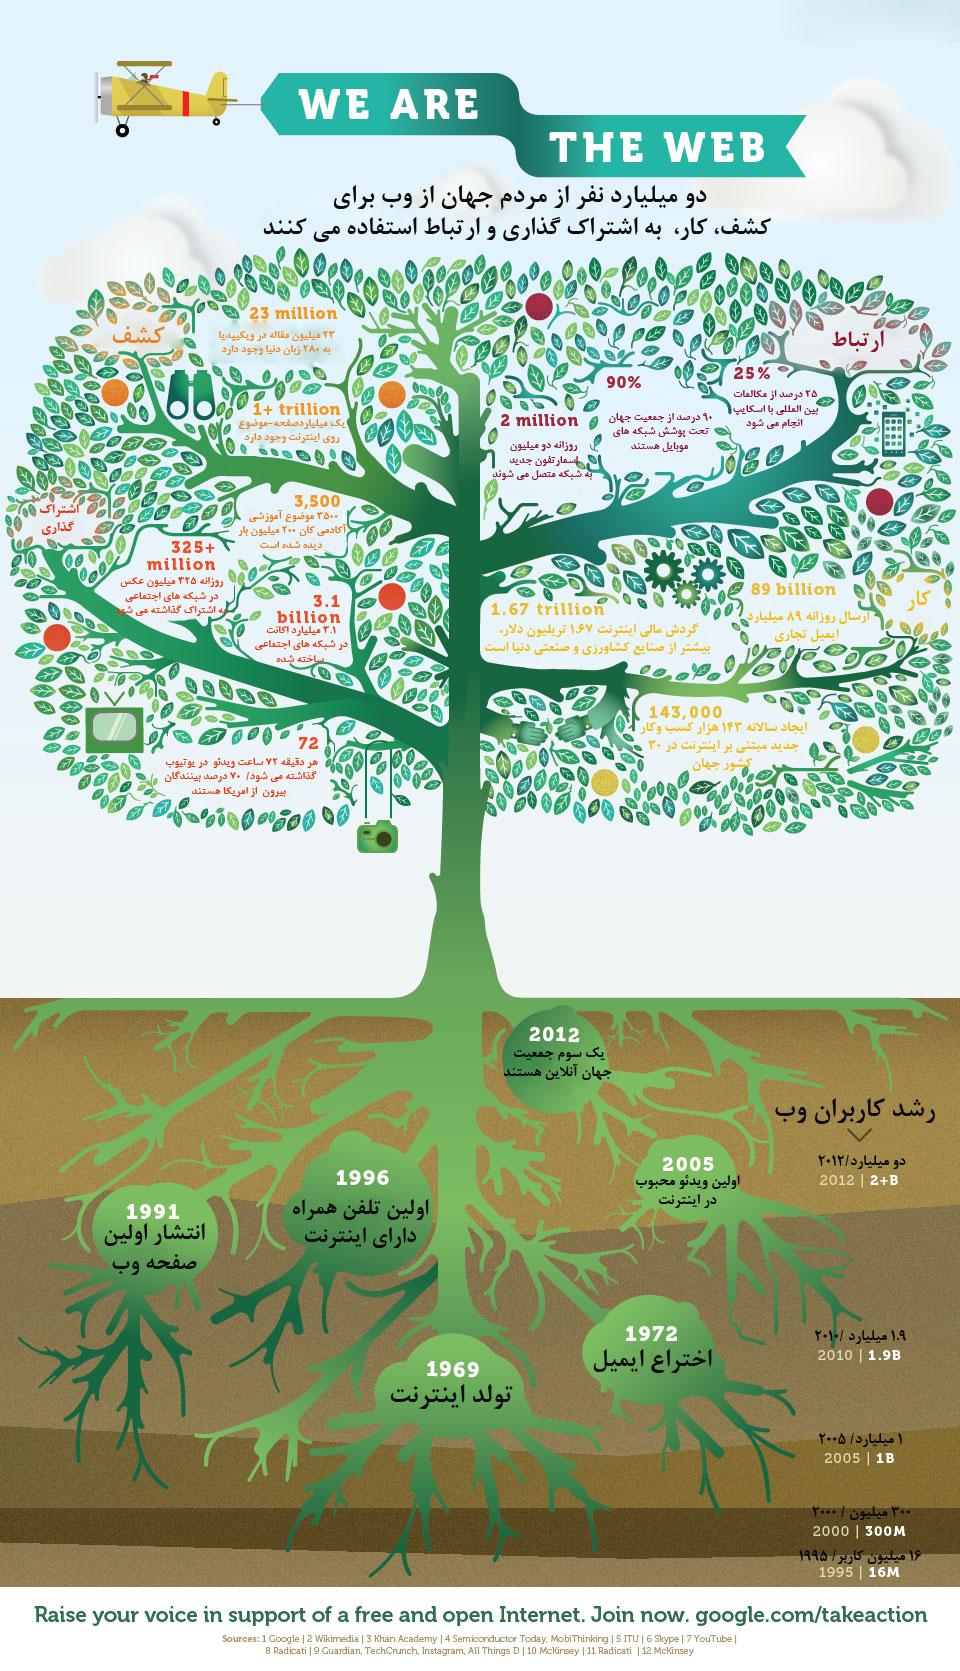 درخت تاریخی وب را ببینید| www.campfa.ir